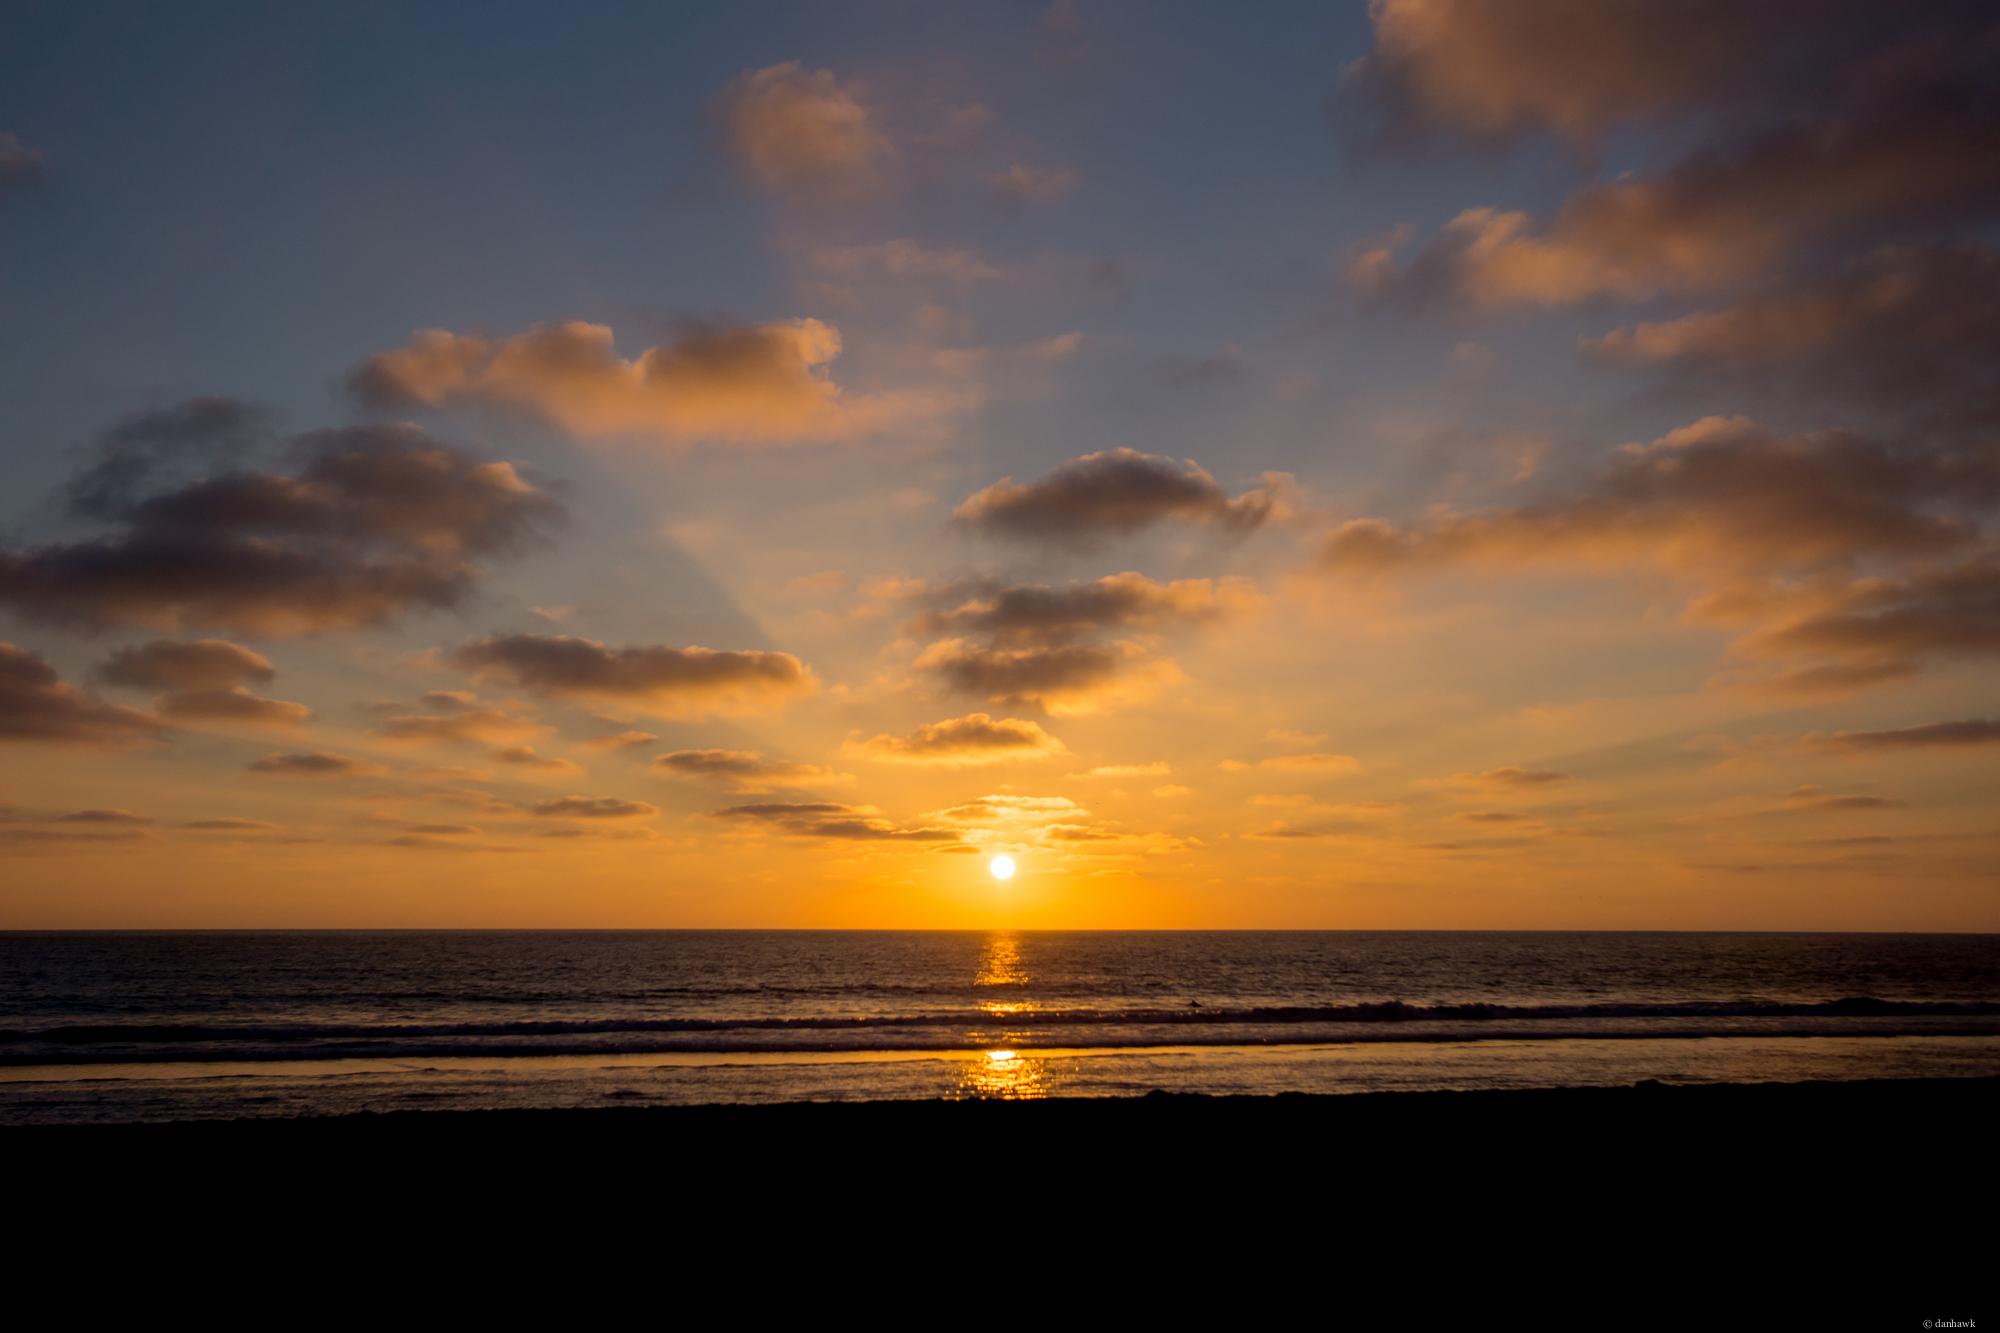 Oceanside Sunset   24mm, f/3.2, ISO 100, 1/4000